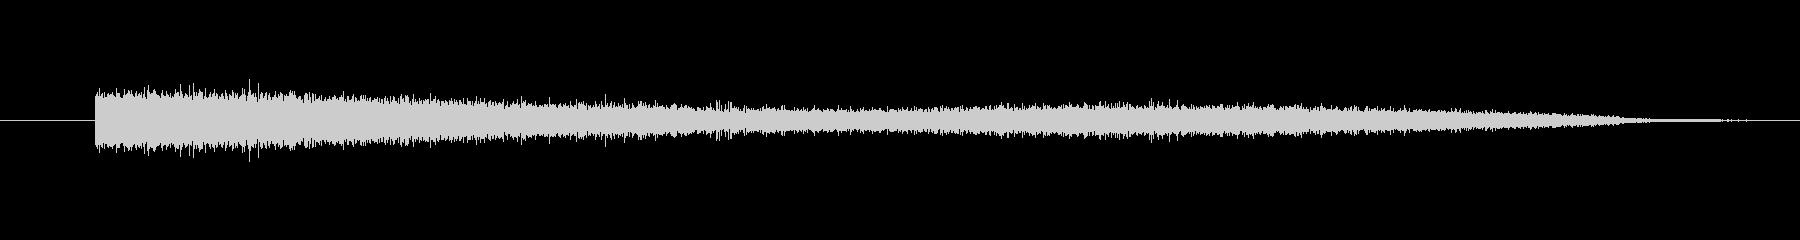 シューンと空間の中をさまようような音の未再生の波形